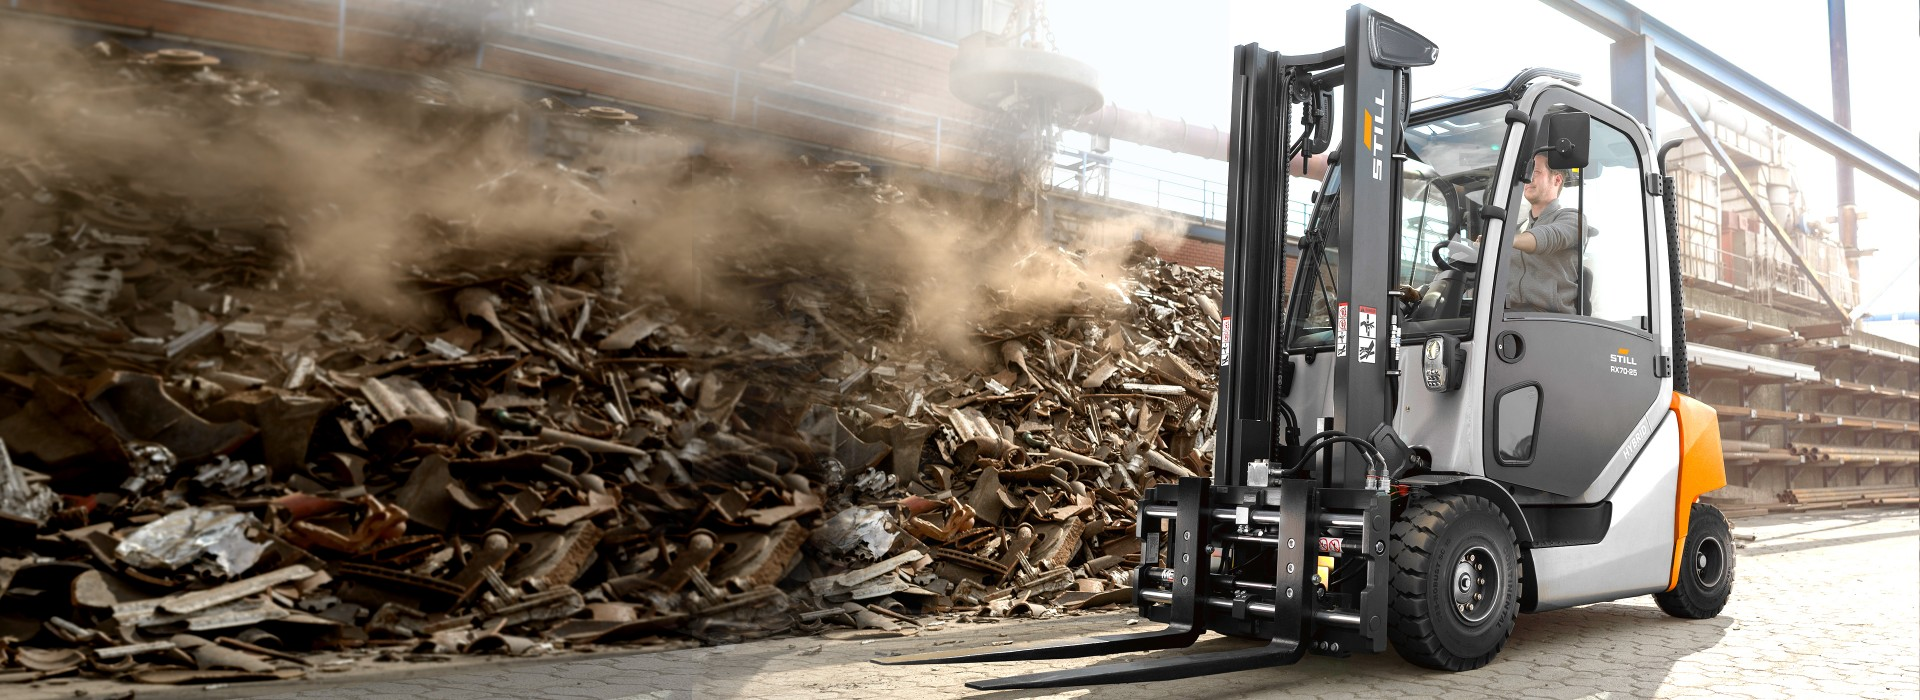 Diesel- und Treibgasgabelstapler - Saubere Leistung mit bis zu acht Tonnen Tragkraft!